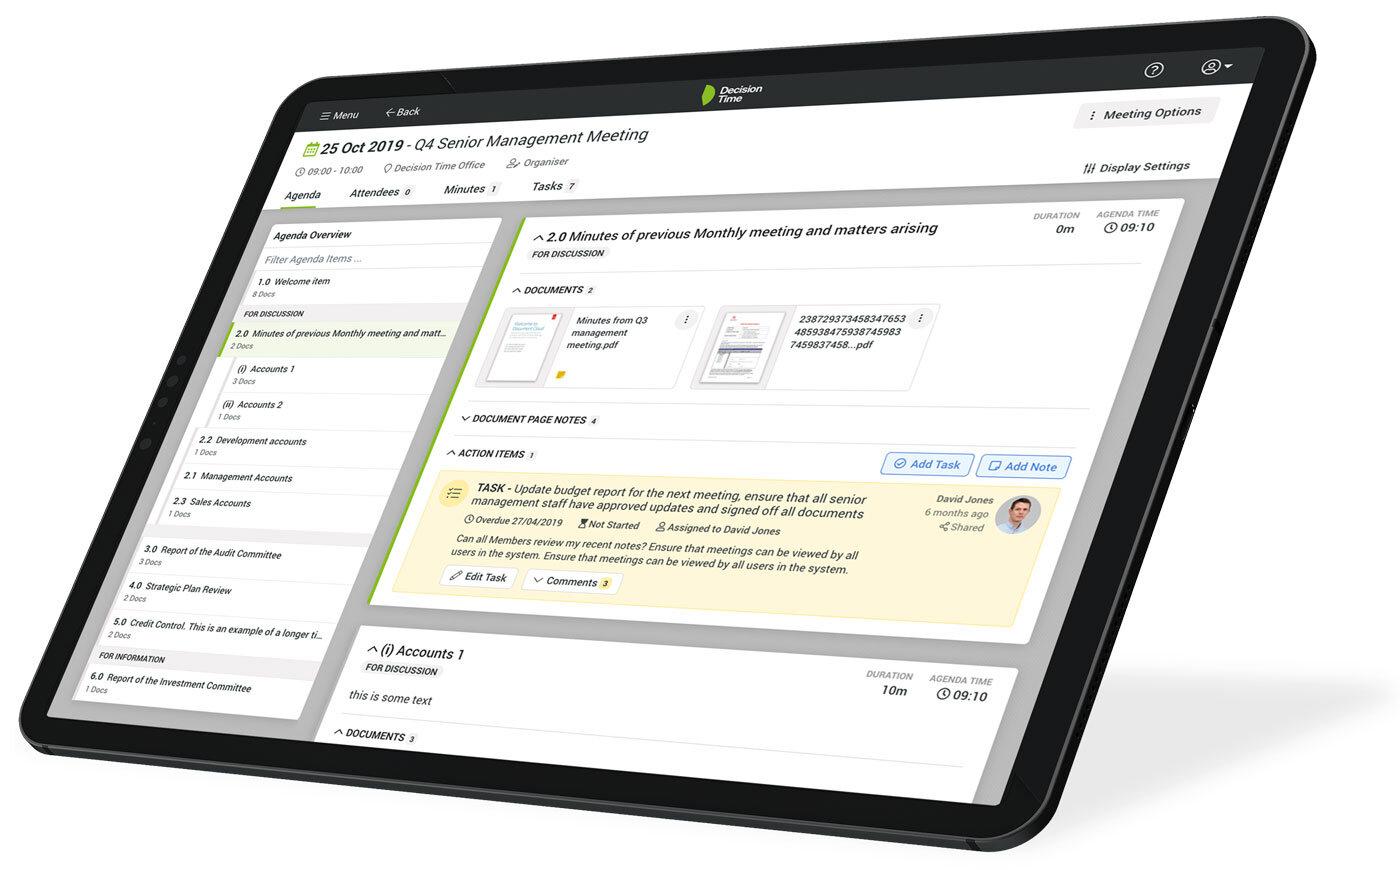 iPad-meeting-view2.jpg